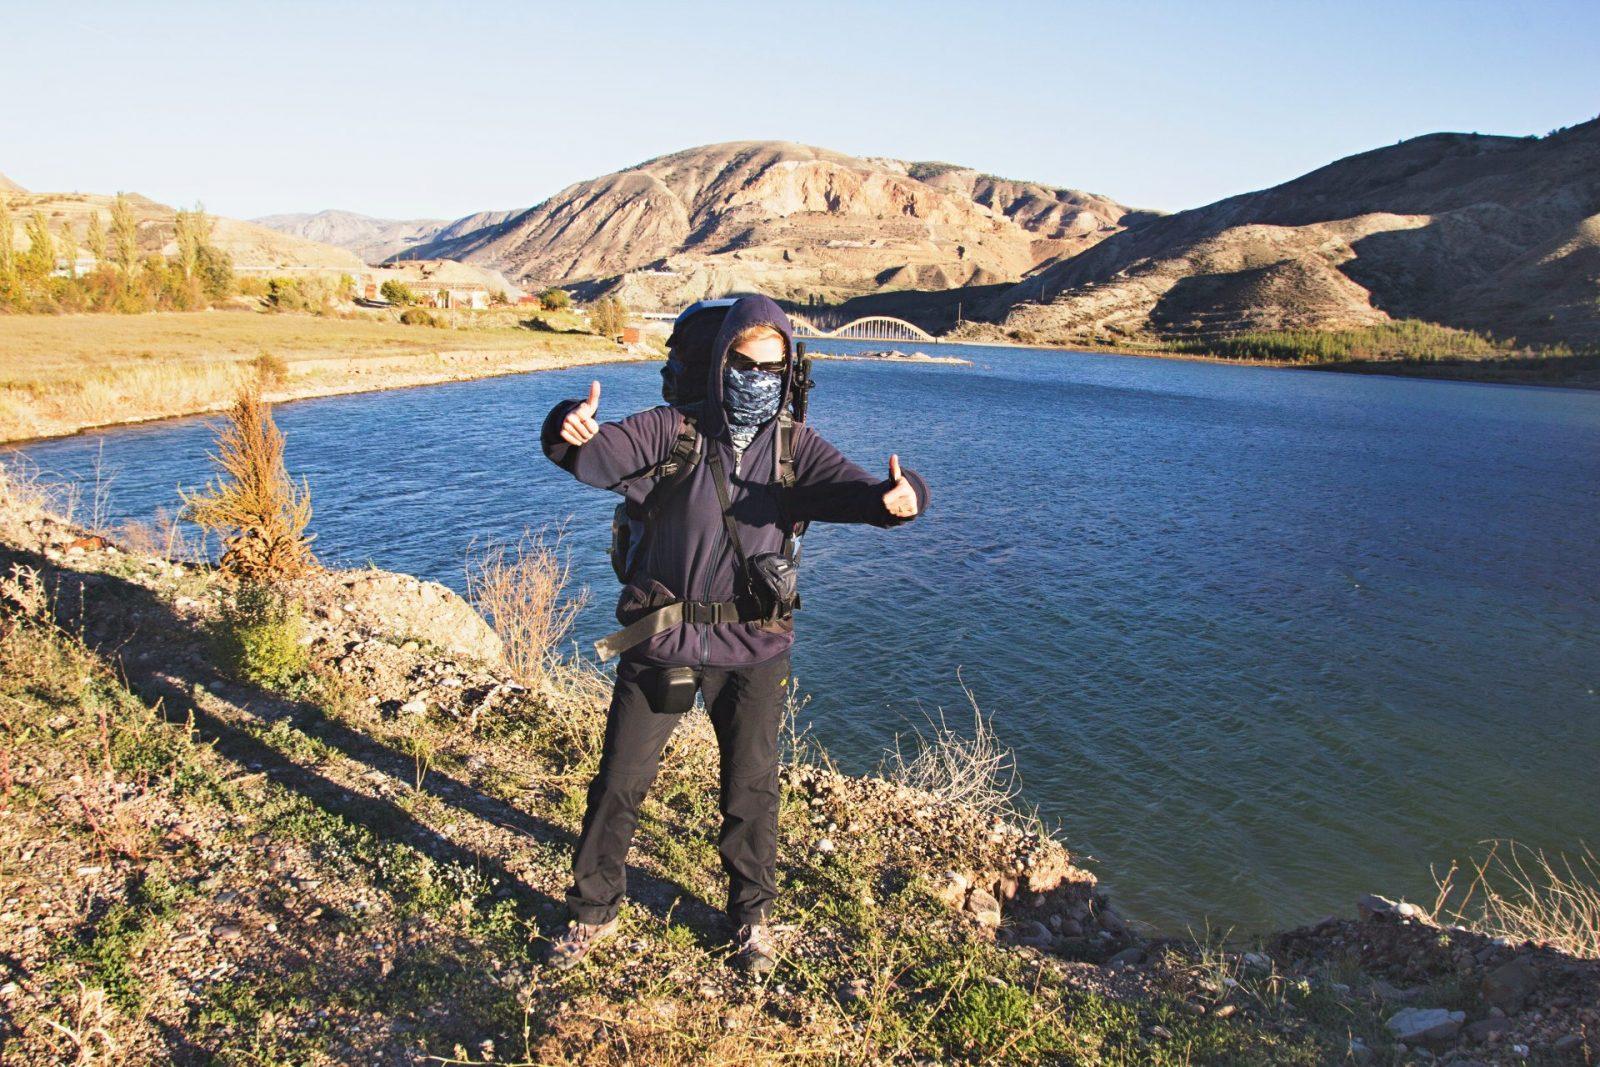 Sluníčko svítí, nicméně hory na východě Turecka jsou v říjnu už mrazivé nejen v noci, ale i přes den